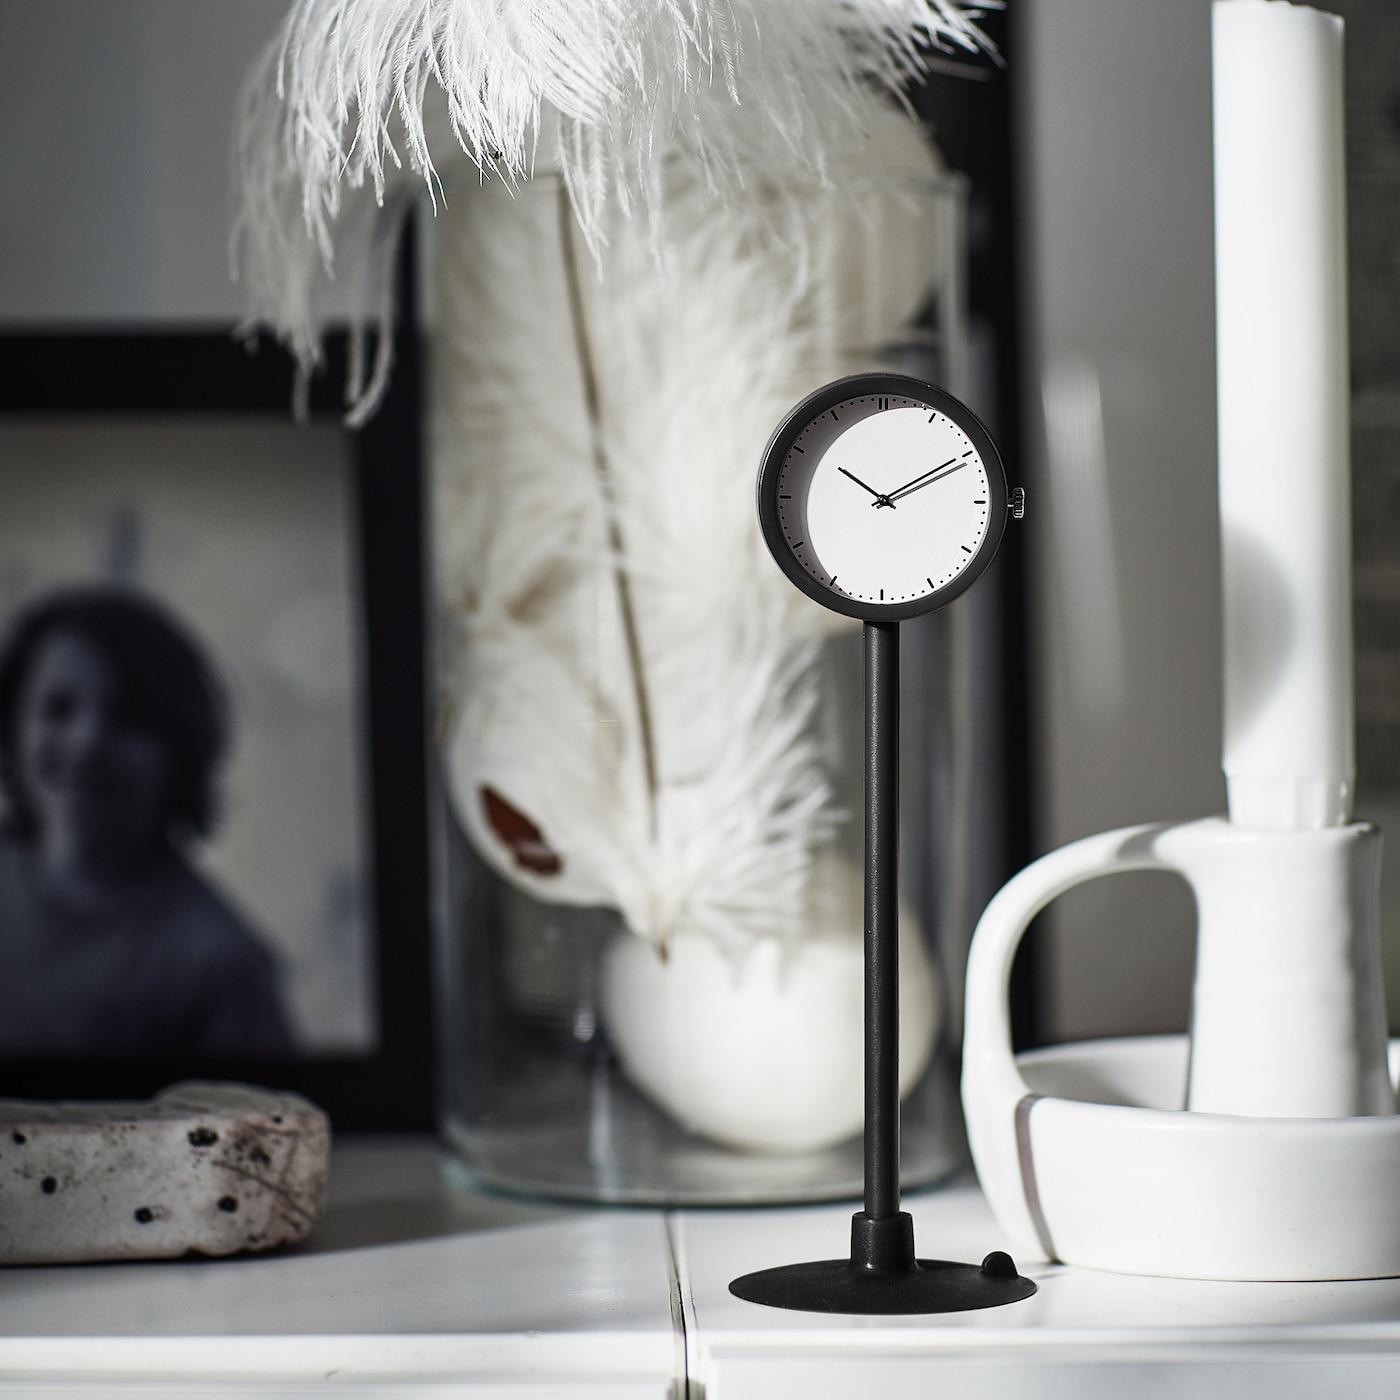 STAKIG Zegar - czarny 16.5 cm